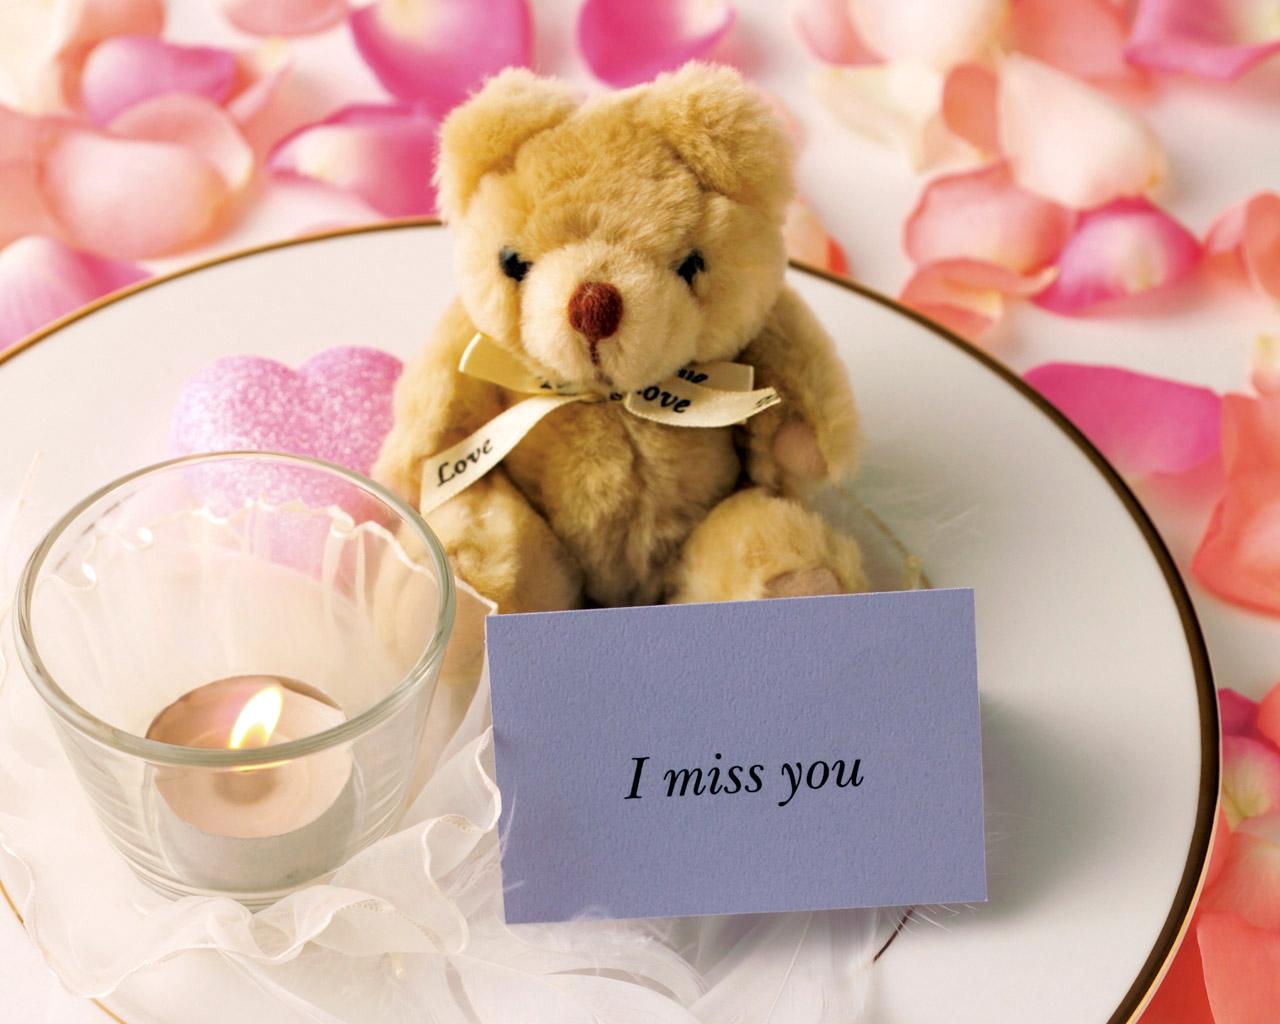 Картинки про любовь скучаю по тебе скачать бесплатно